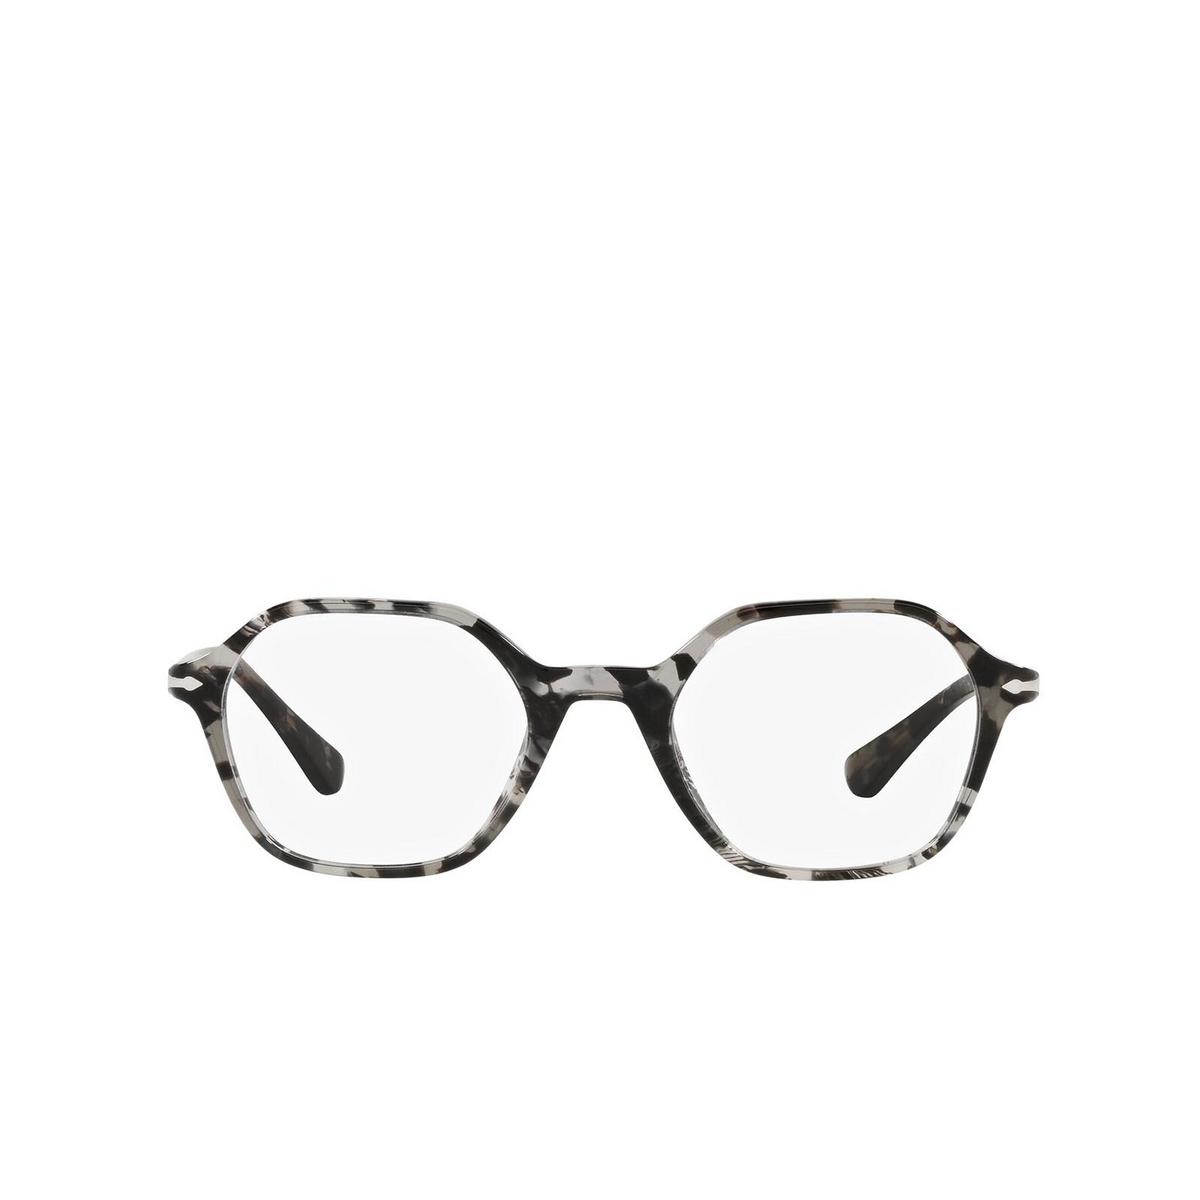 Persol® Irregular Eyeglasses: PO3254V color Tortoise Grey 1080 - front view.